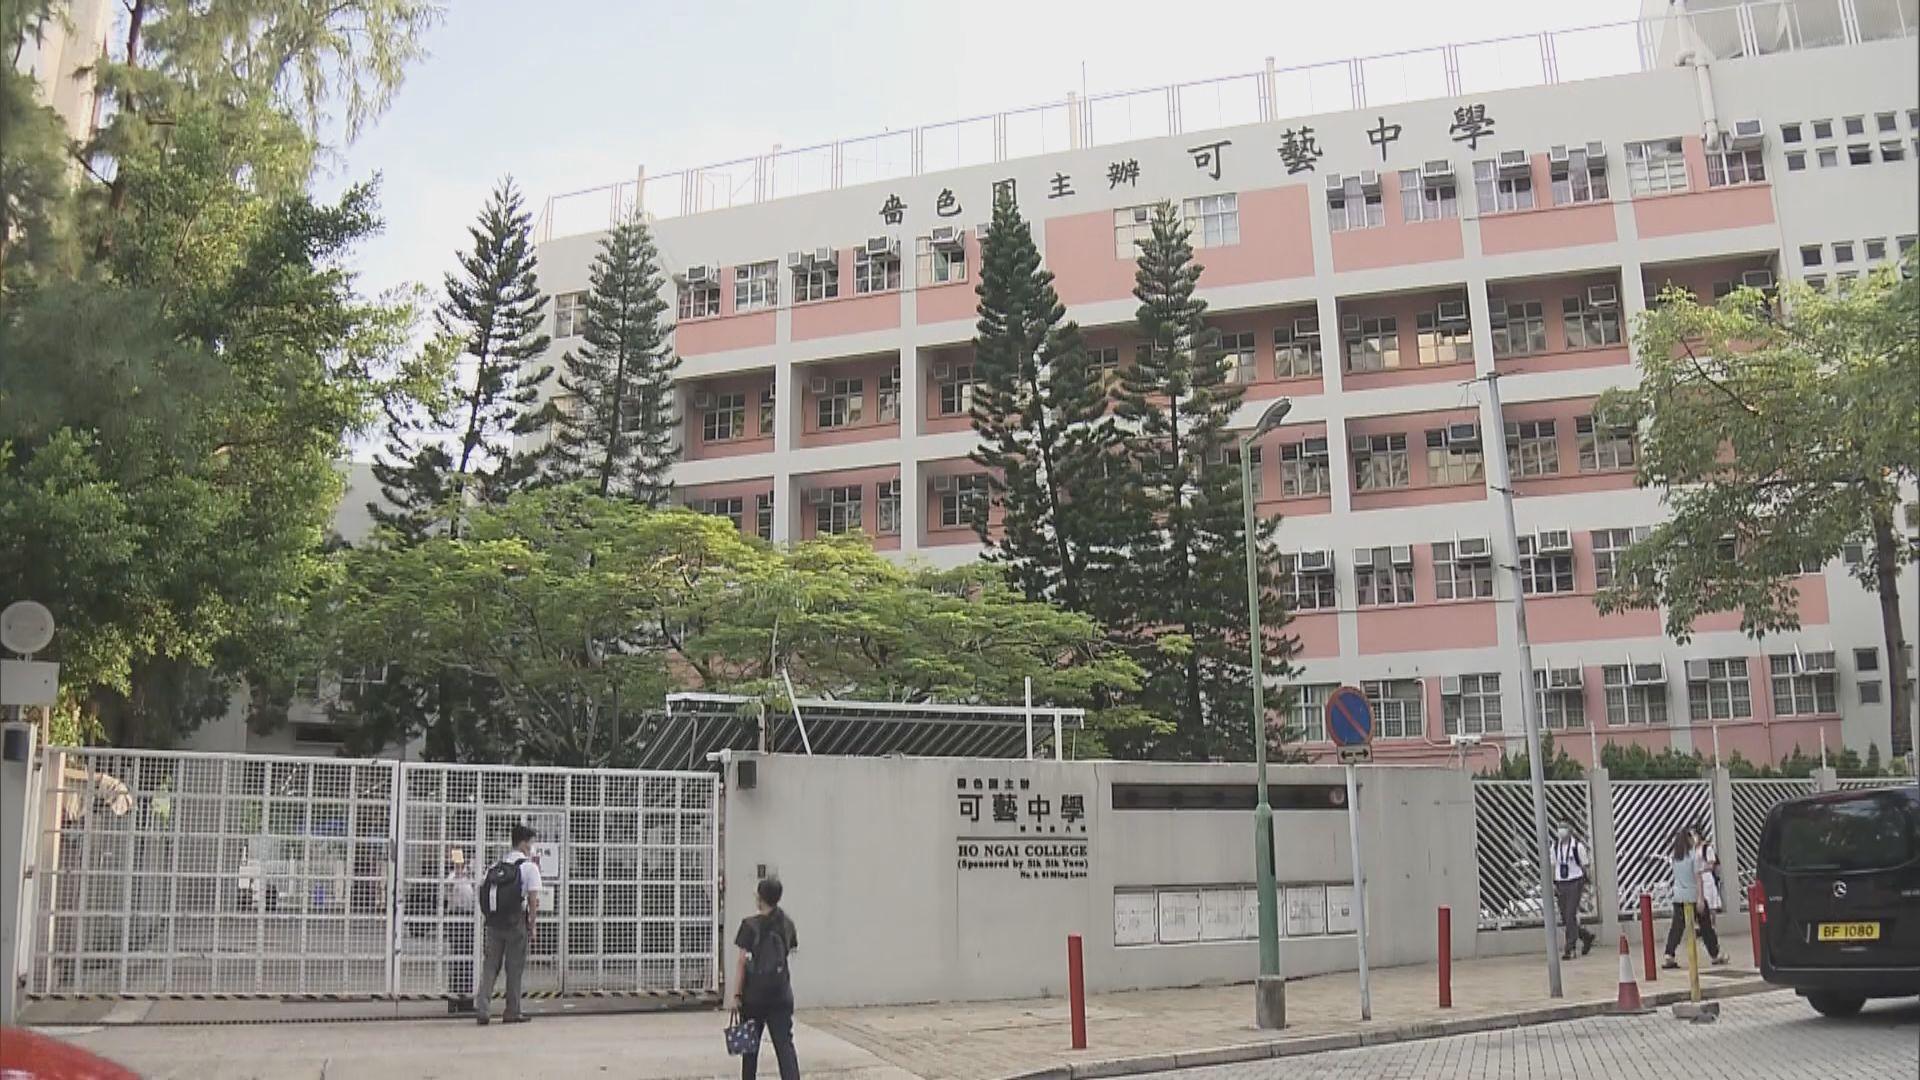 屯門可藝中學全校恢復面授課堂 暫只恢復部分課外活動